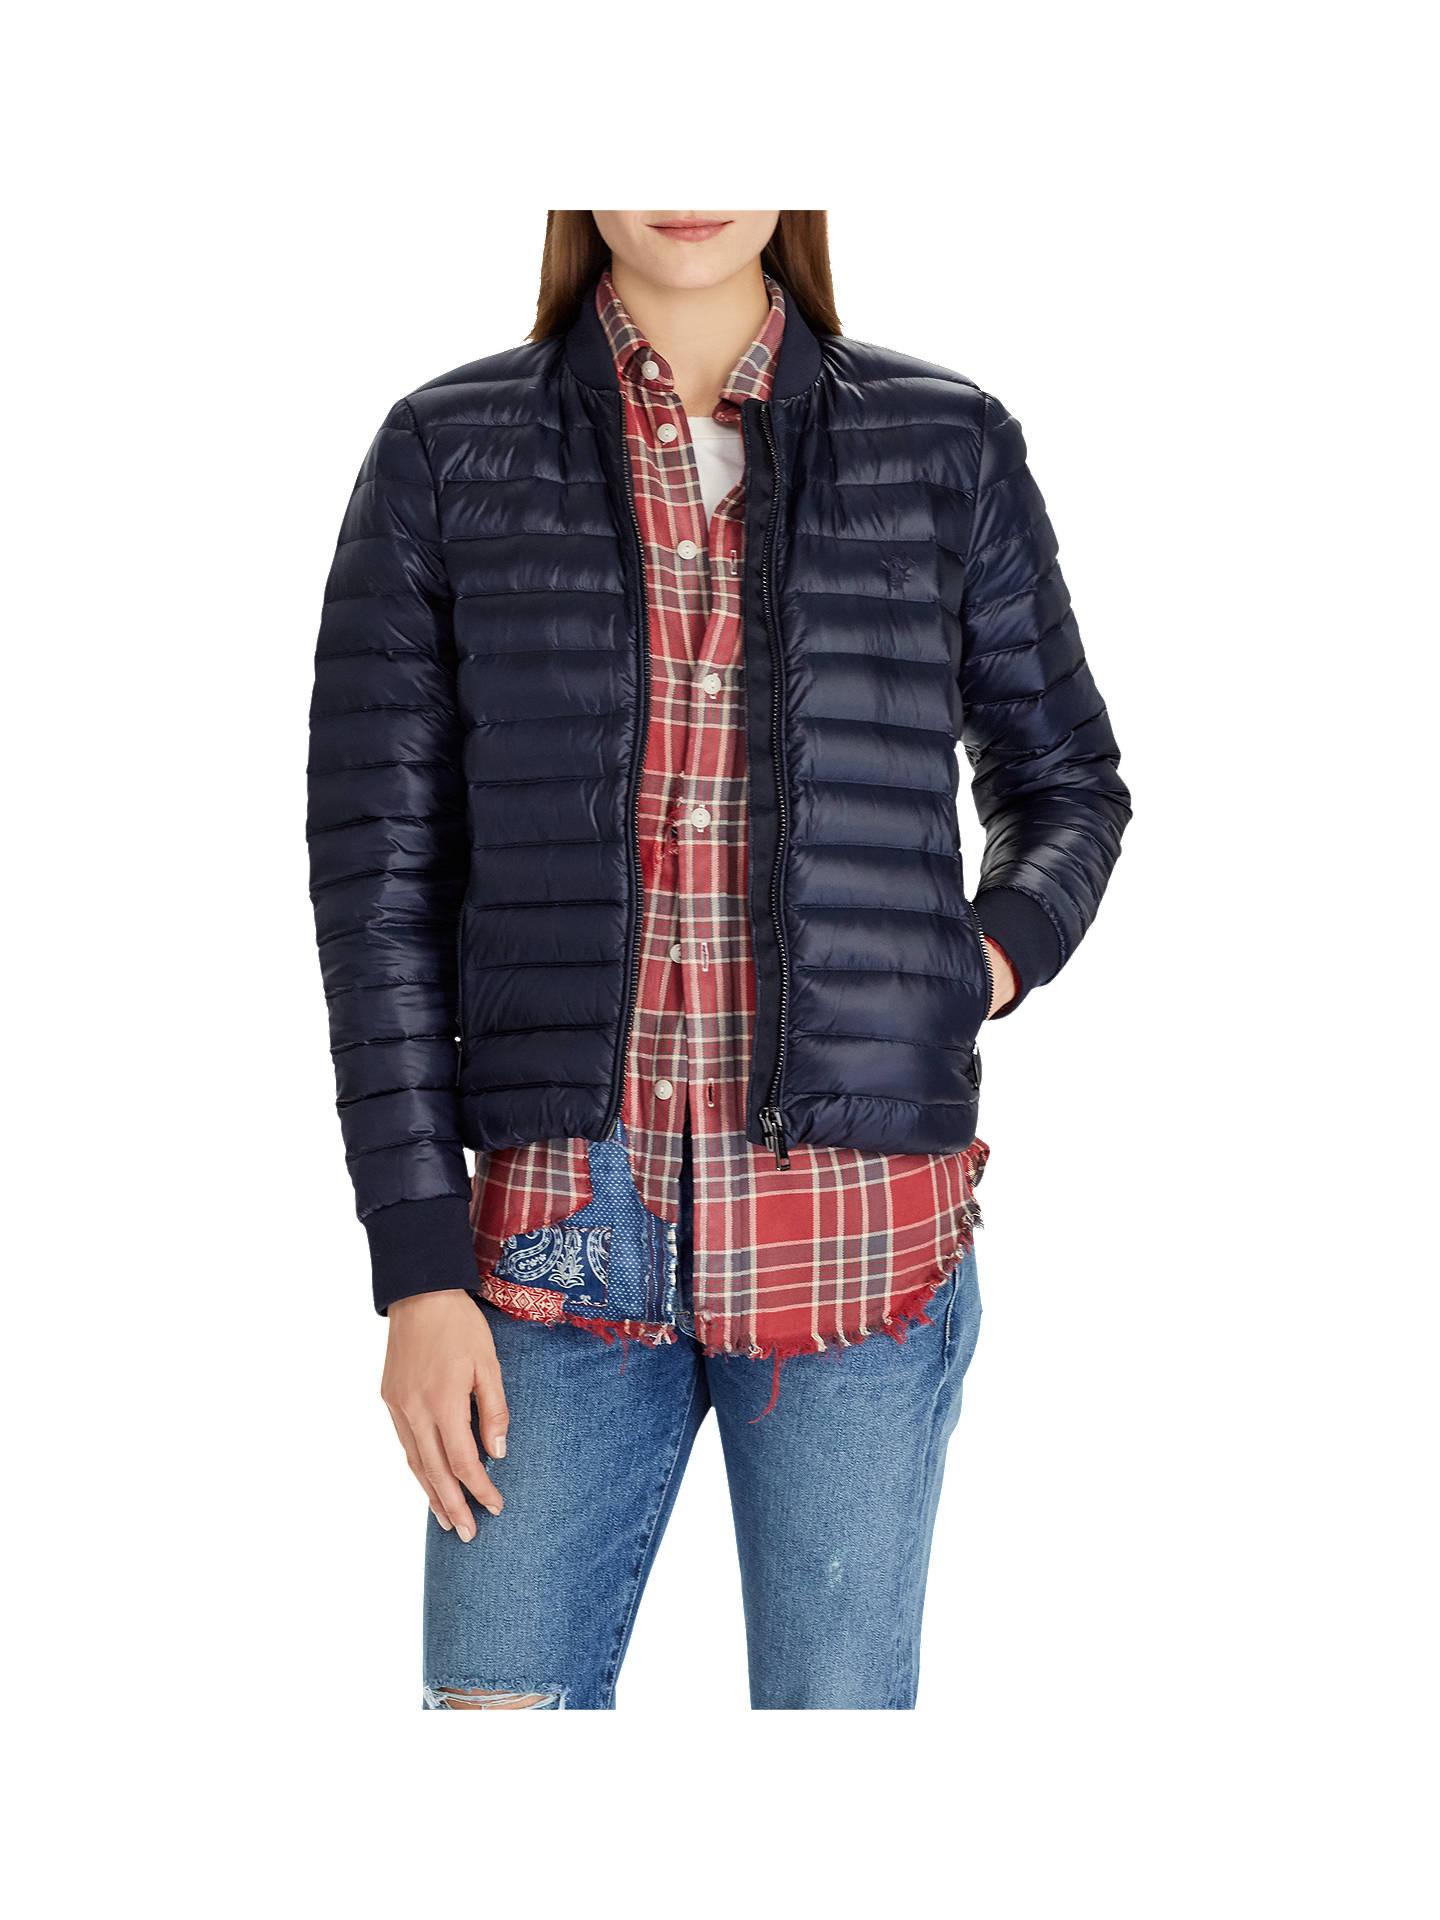 221862d0d Buy Polo Ralph Lauren Lightweight Packable Down Jacket